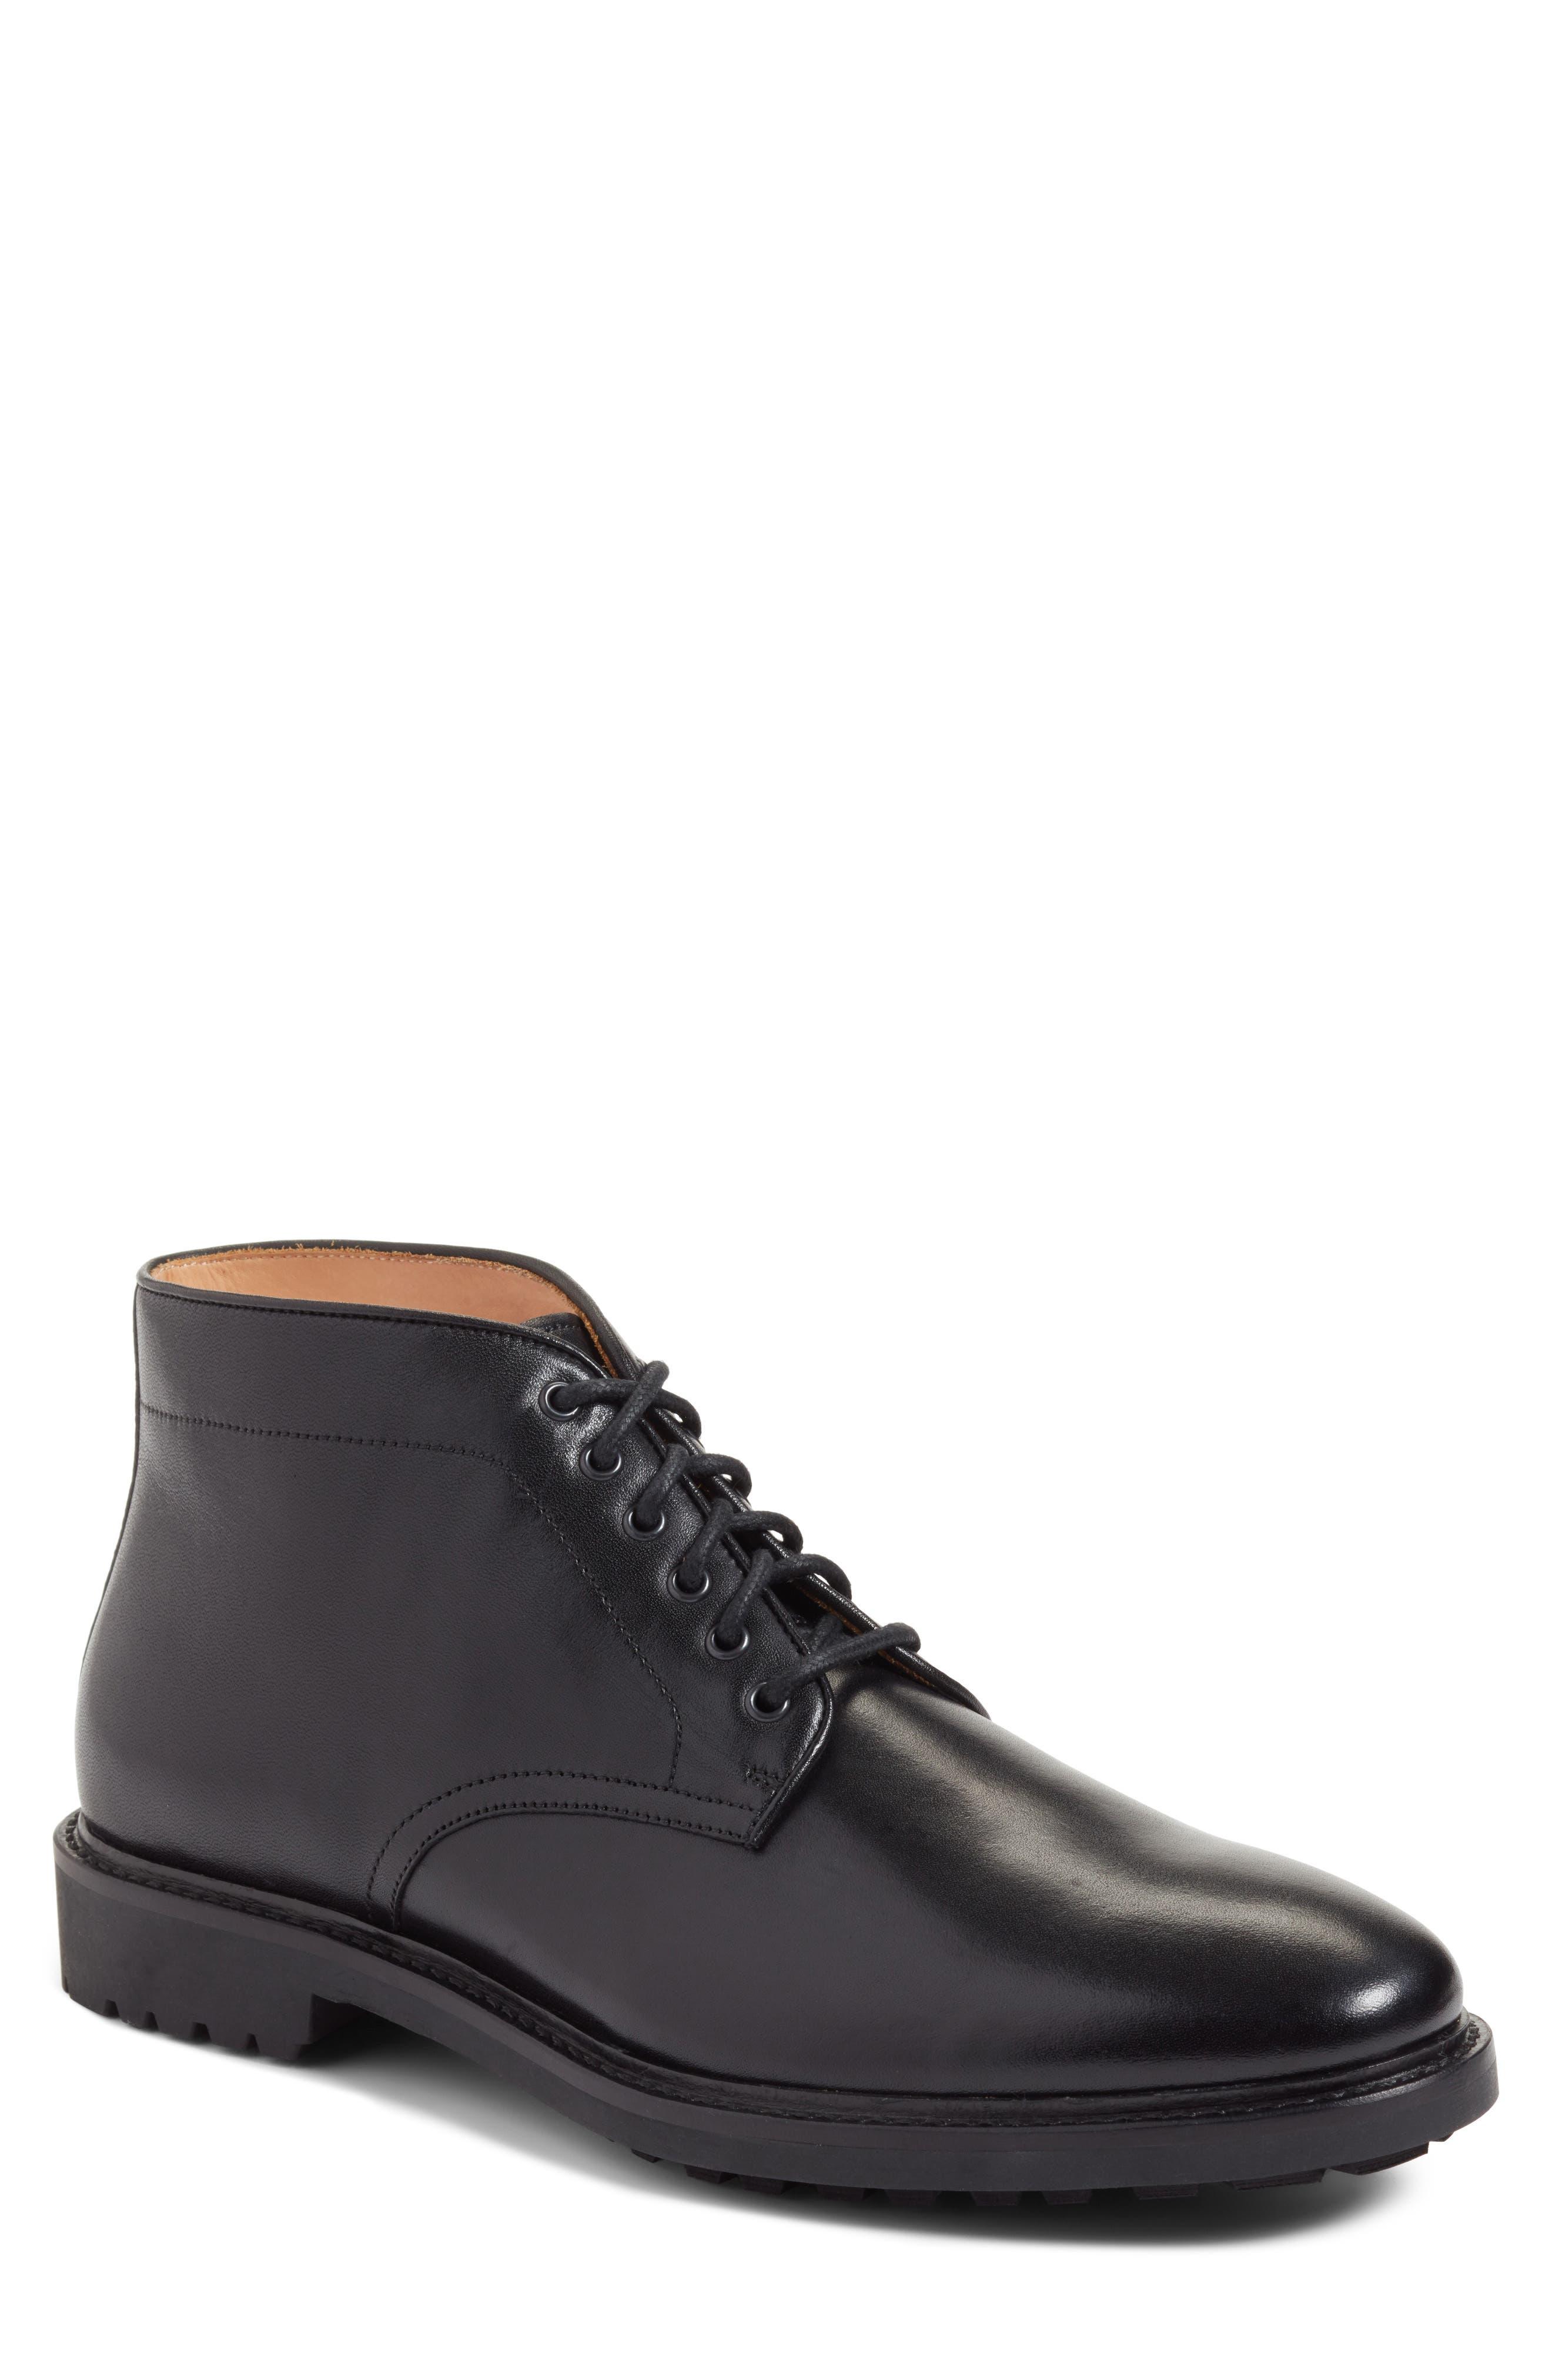 Ramiro Plain Toe Boot,                             Main thumbnail 1, color,                             Black Leather